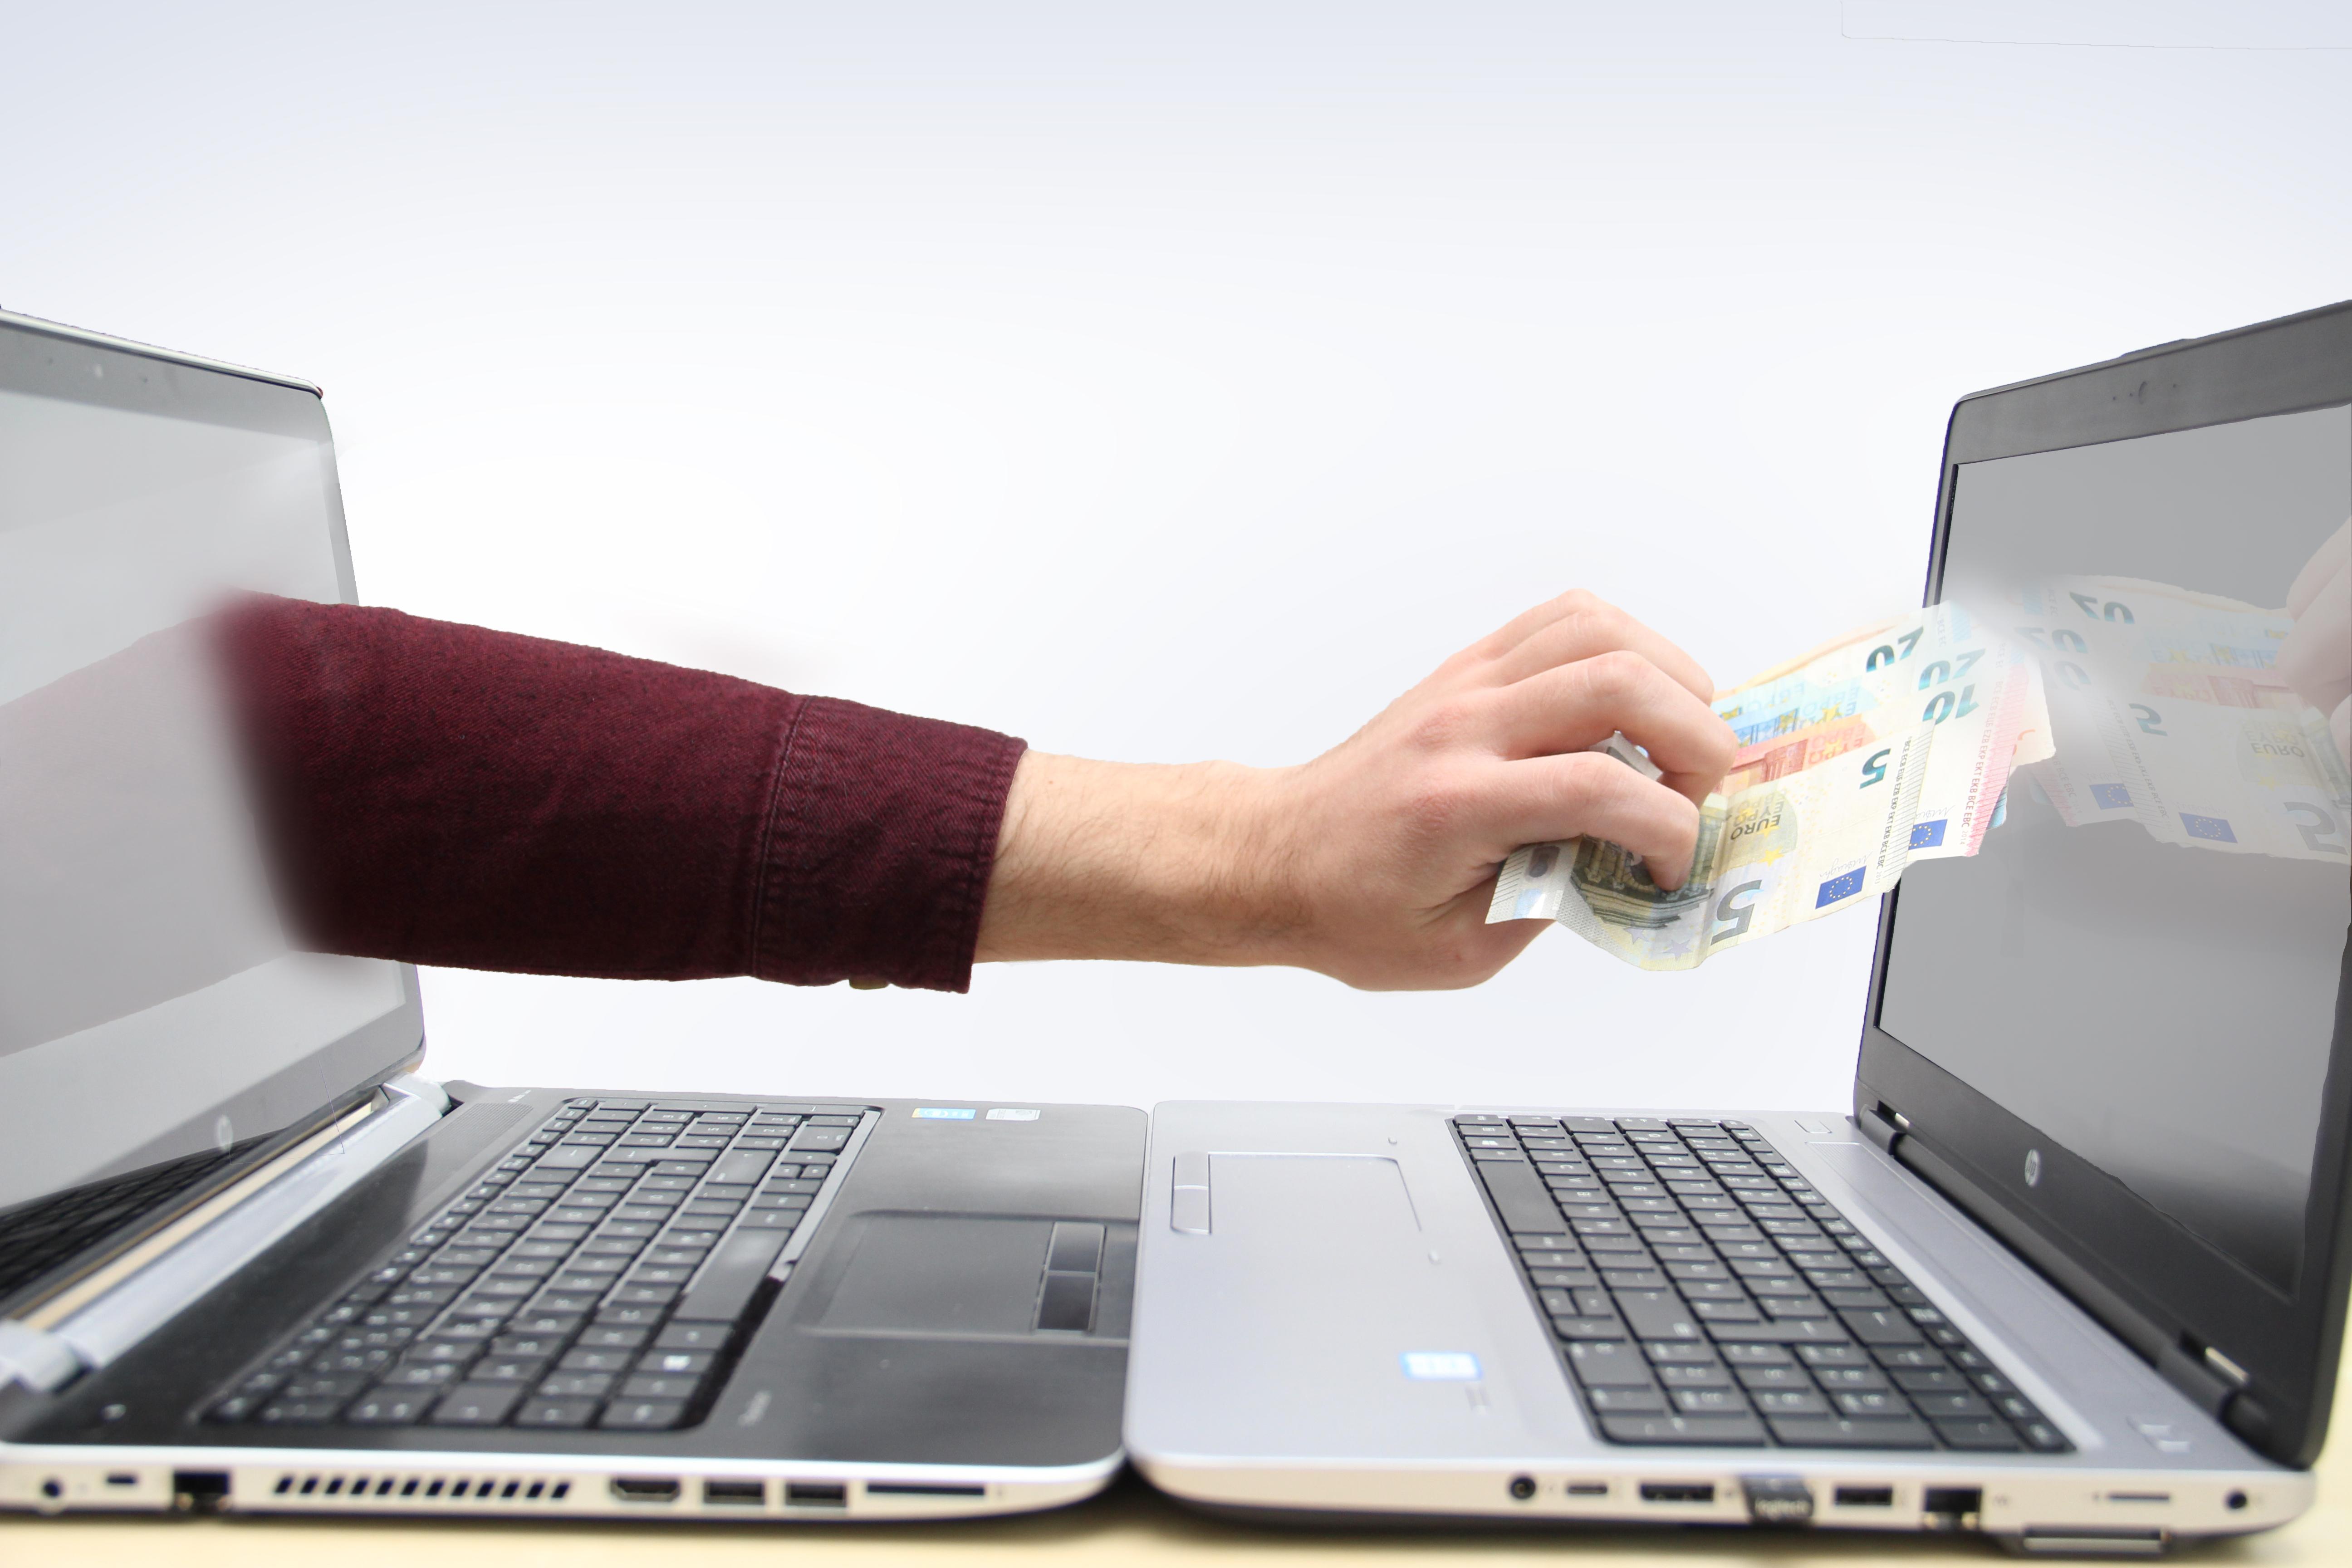 Eine Hand klaut Geld aus einem Laptop.